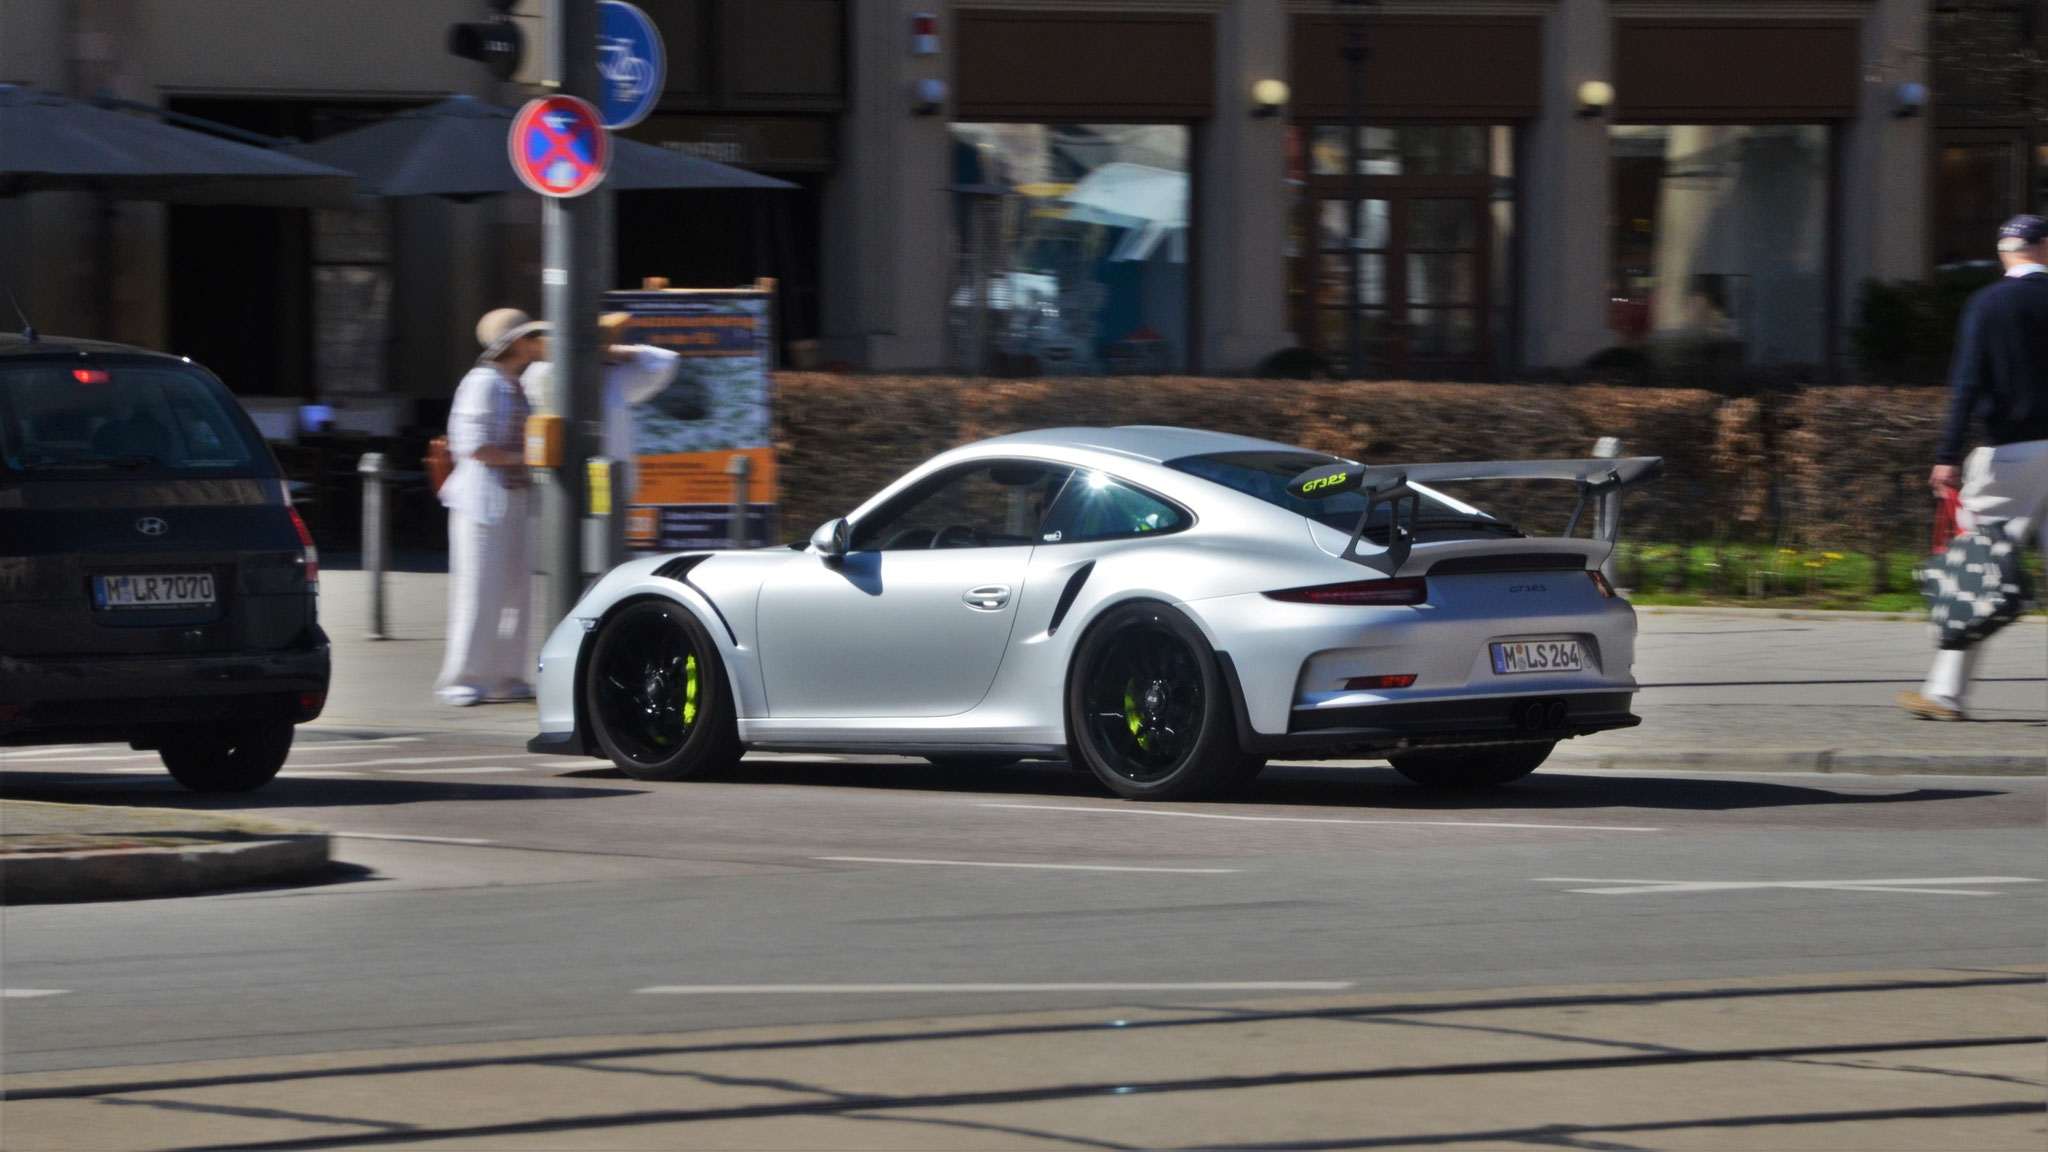 Porsche 911 GT3 RS - M-LS-264